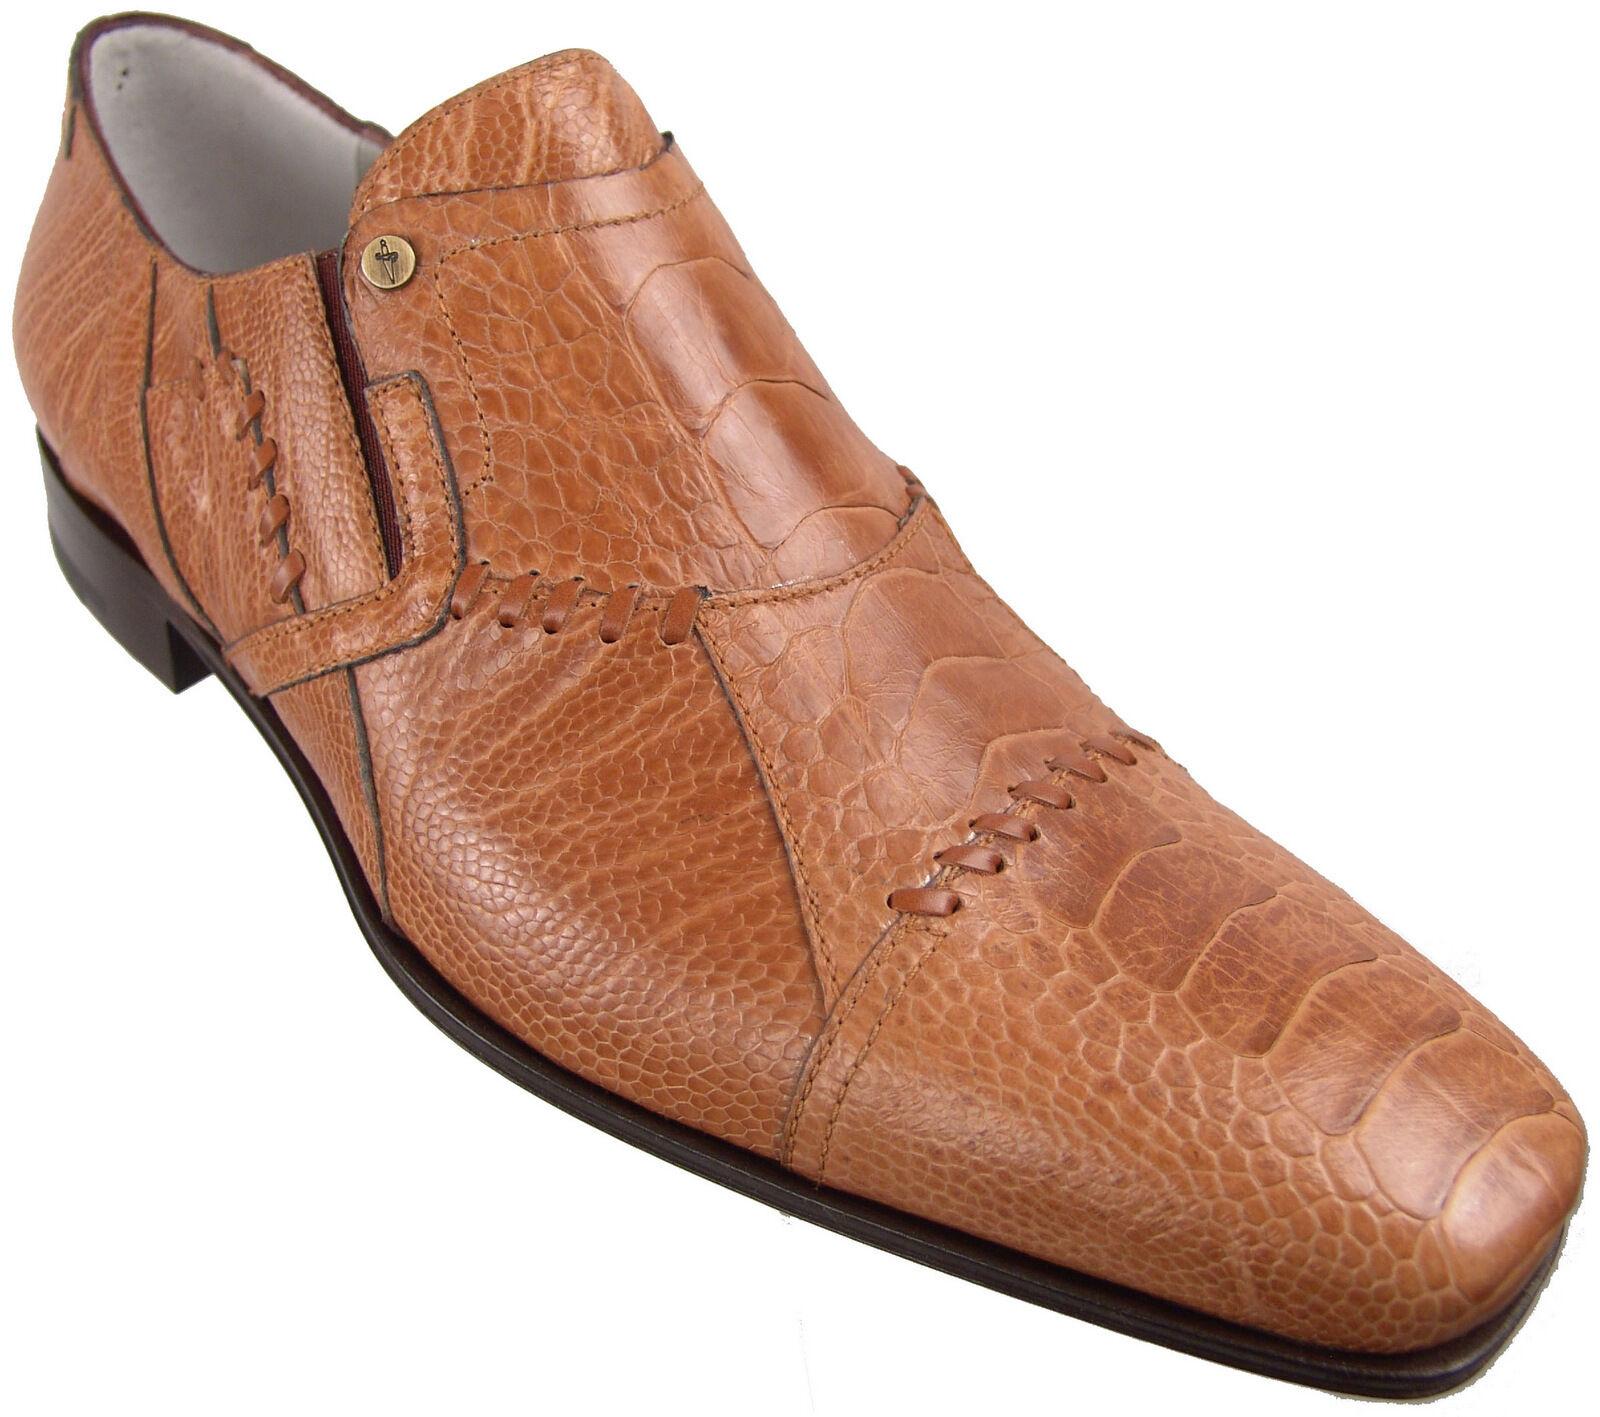 1200 CESARE PACIOTTI 6 US Véritable Autruche peau Mocassins Italien Designer chaussures